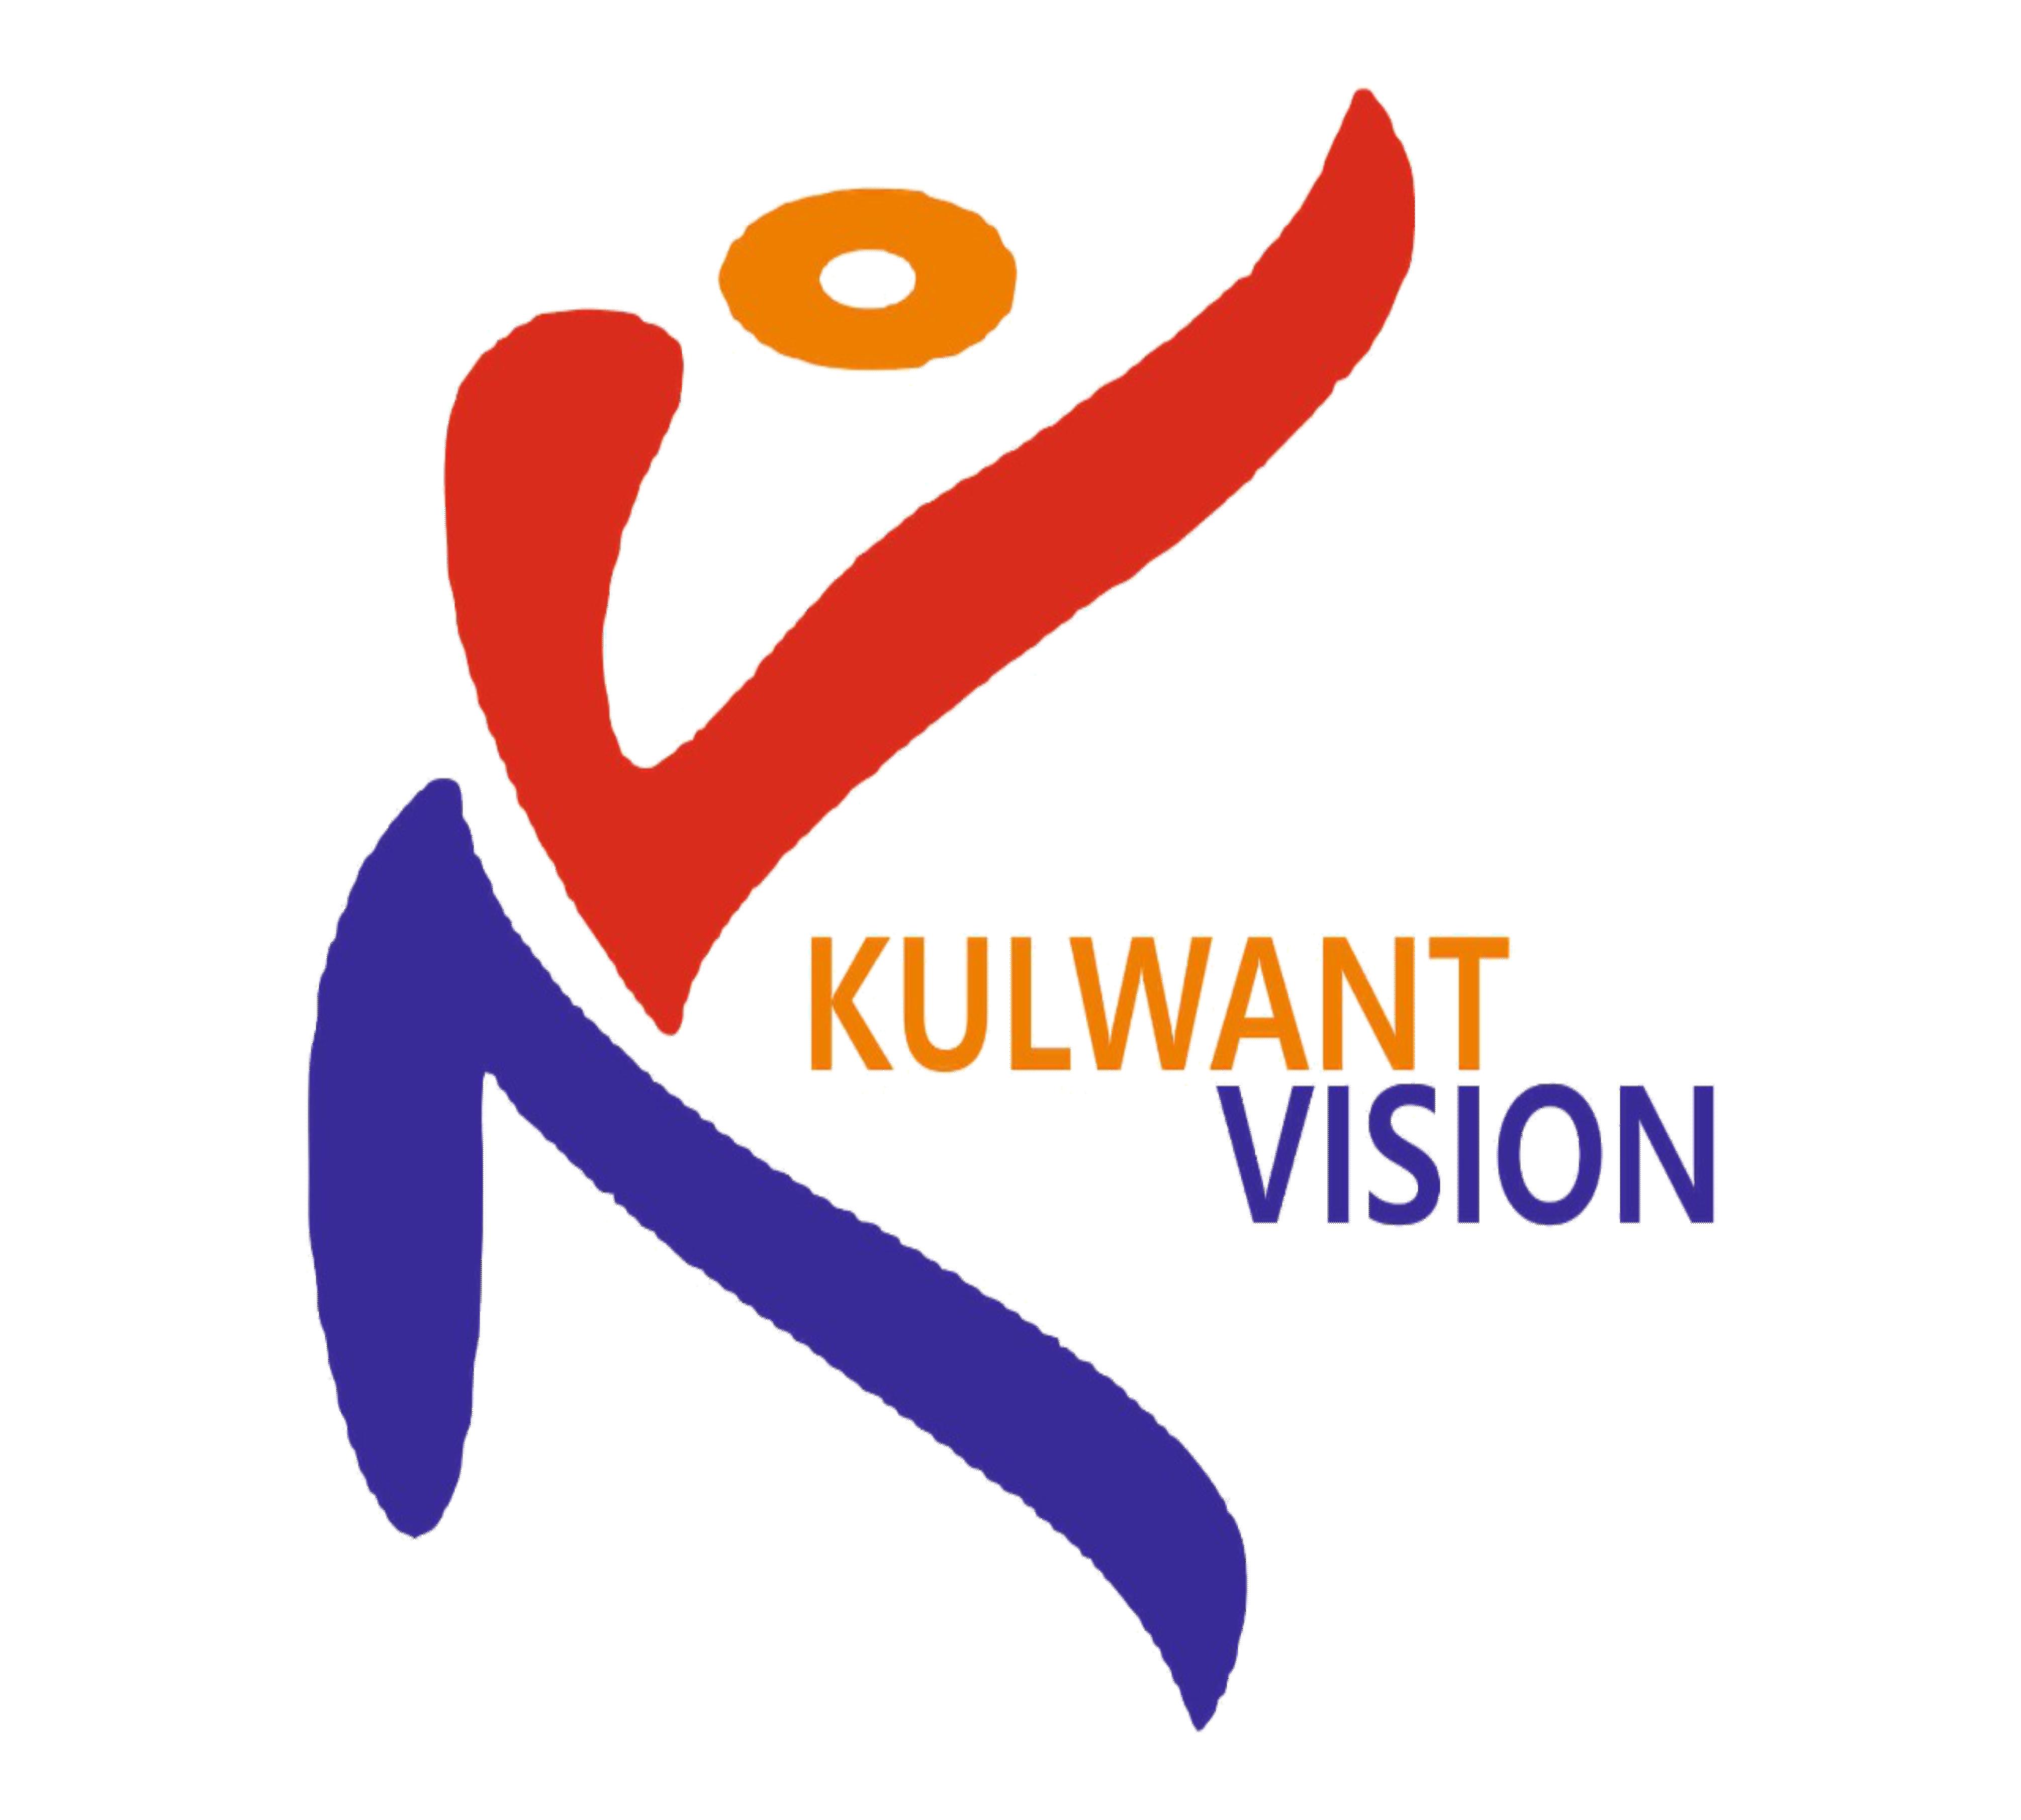 Kulwant Vision logo png